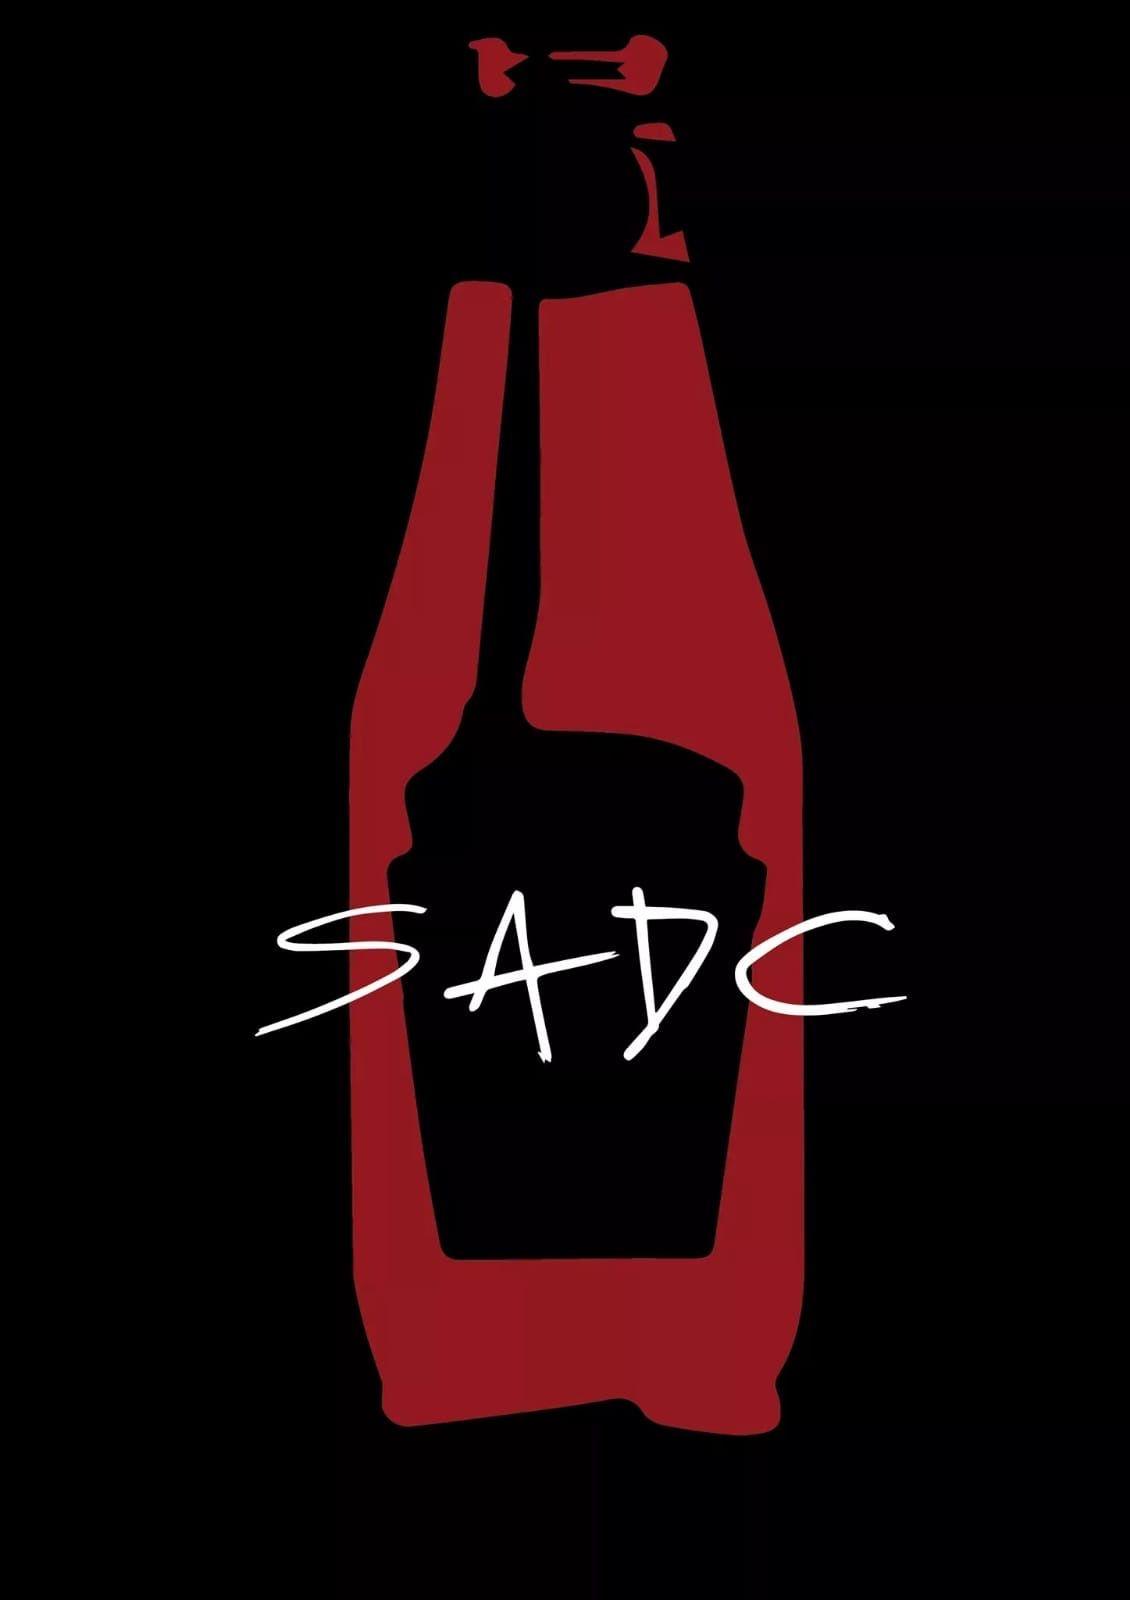 evento friuli la band s a d c finalista di sanremo rock festival logo s.a.d.c. La band S.A.D.C. Finalista di Sanremo Rock Festival